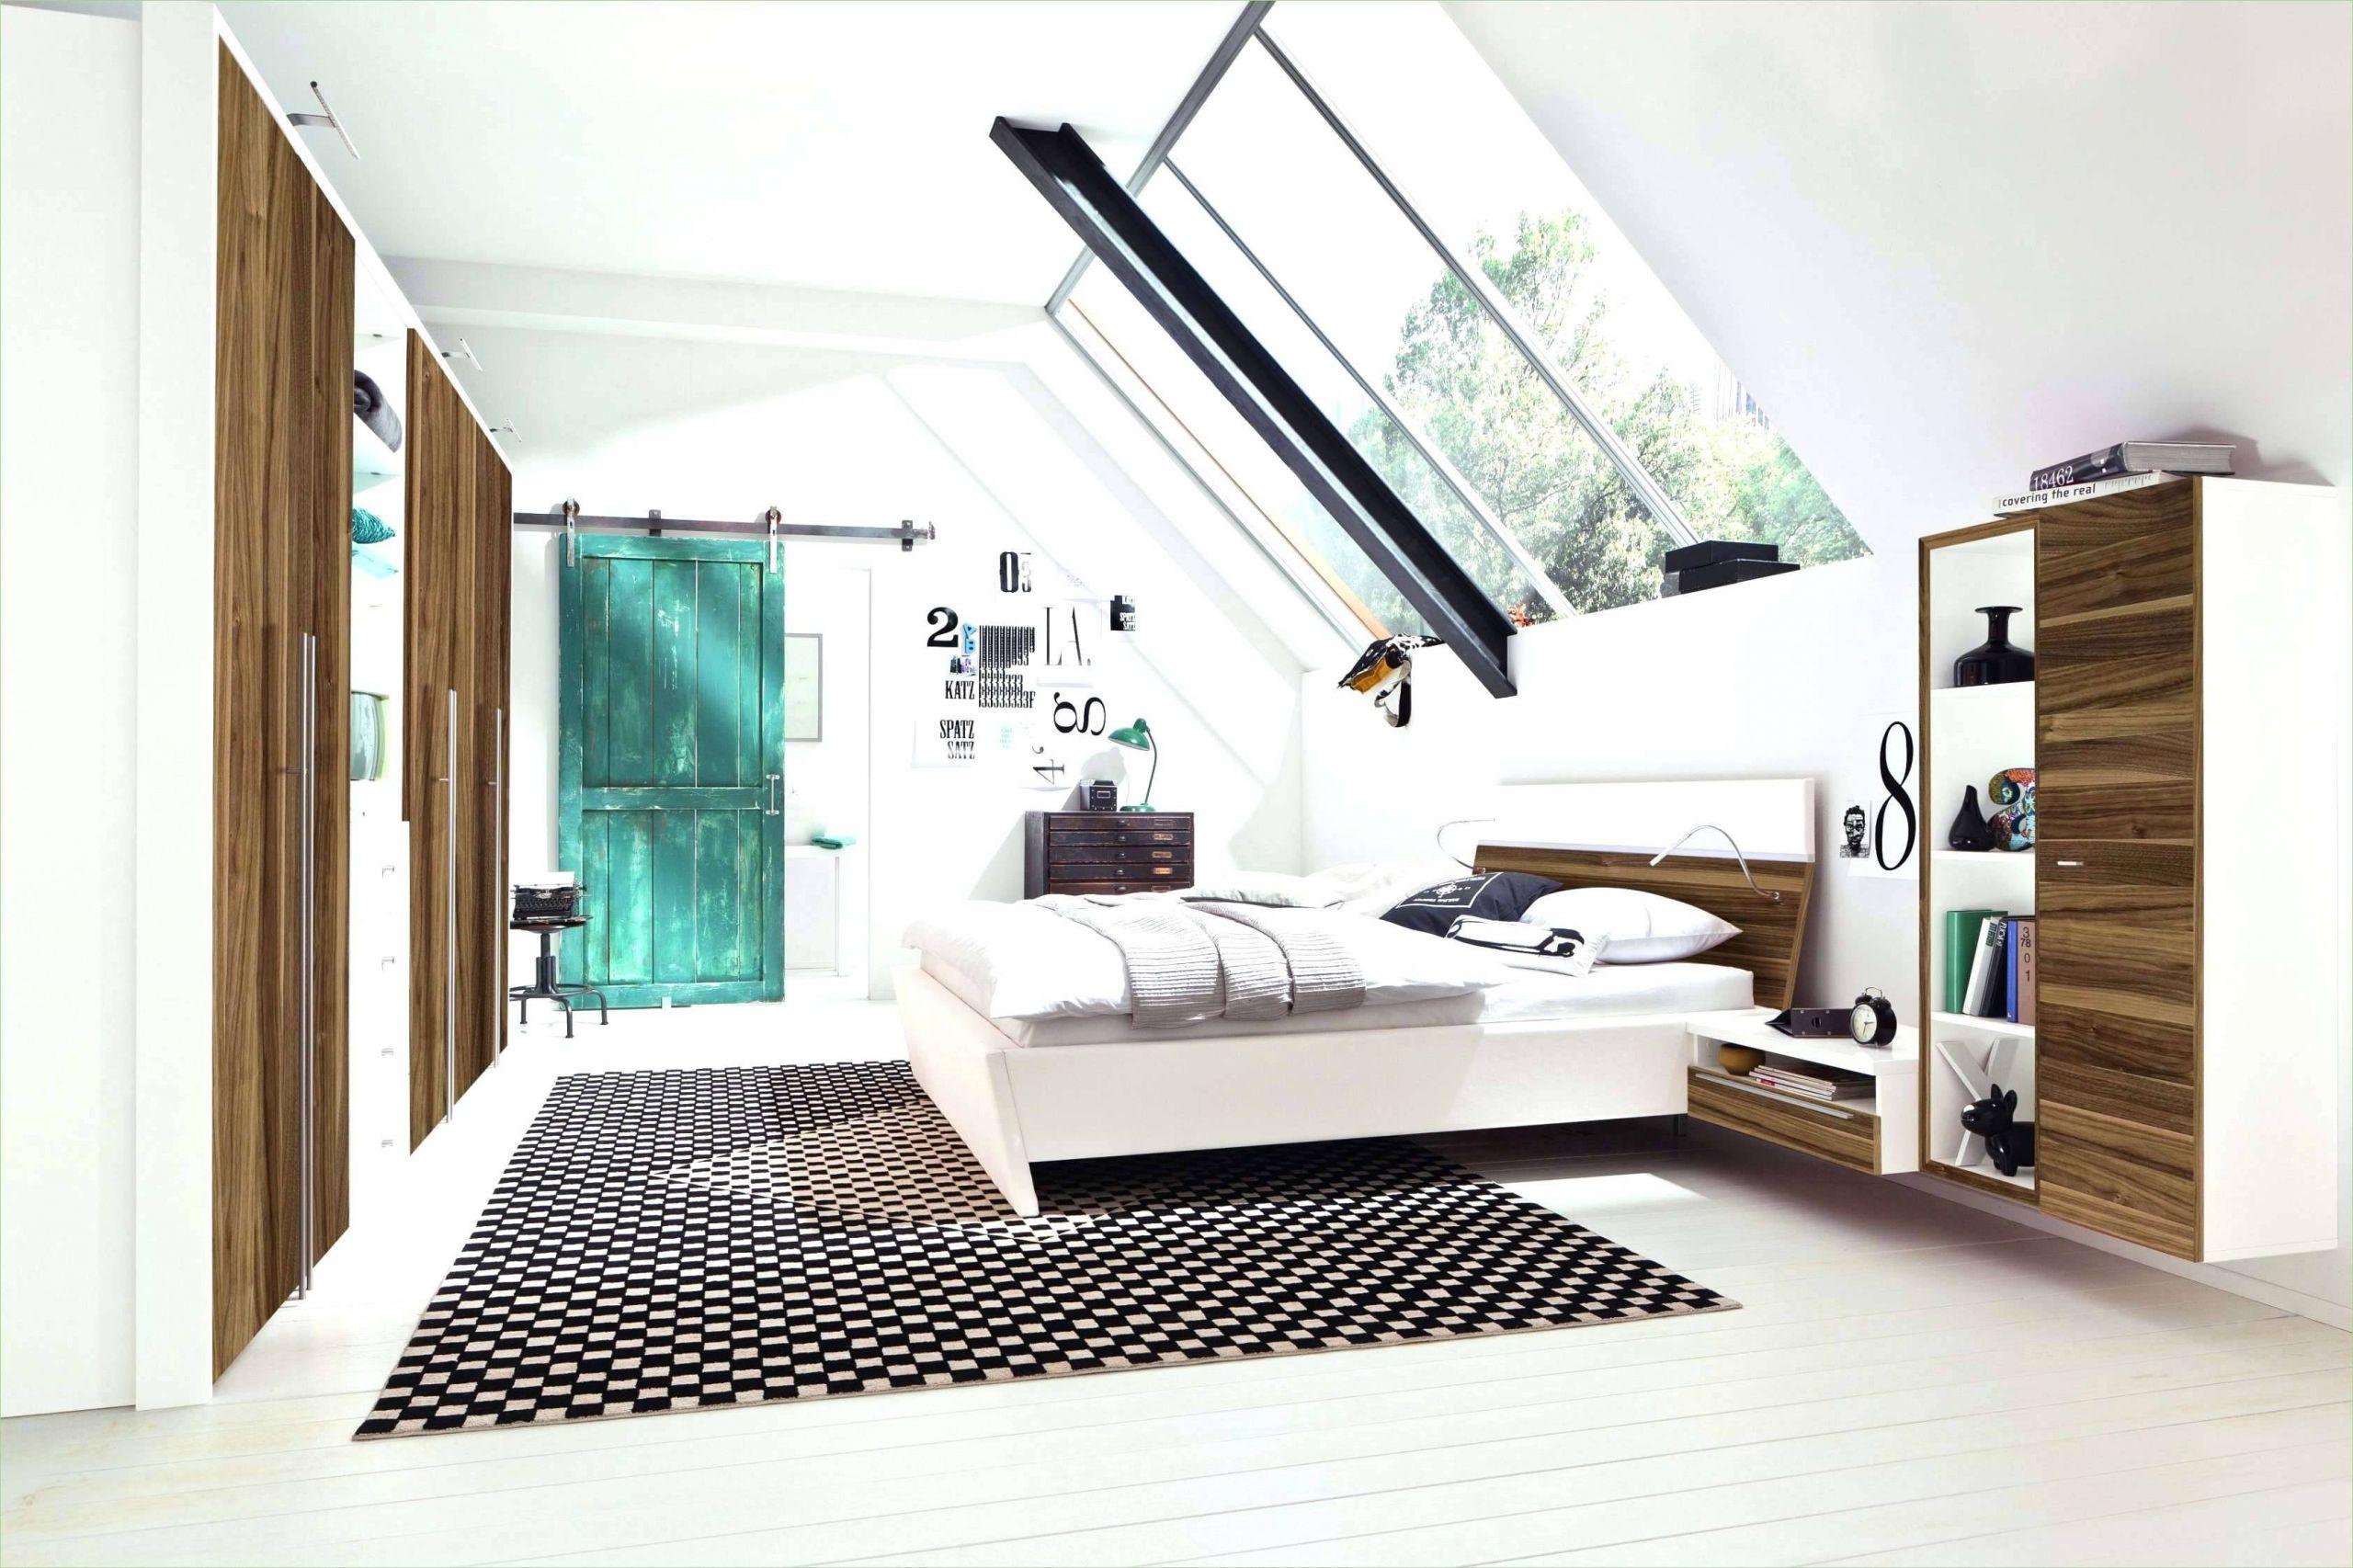 japanische deko wohnzimmer new 33 einzigartig deko ideen selber machen garten of japanische deko wohnzimmer